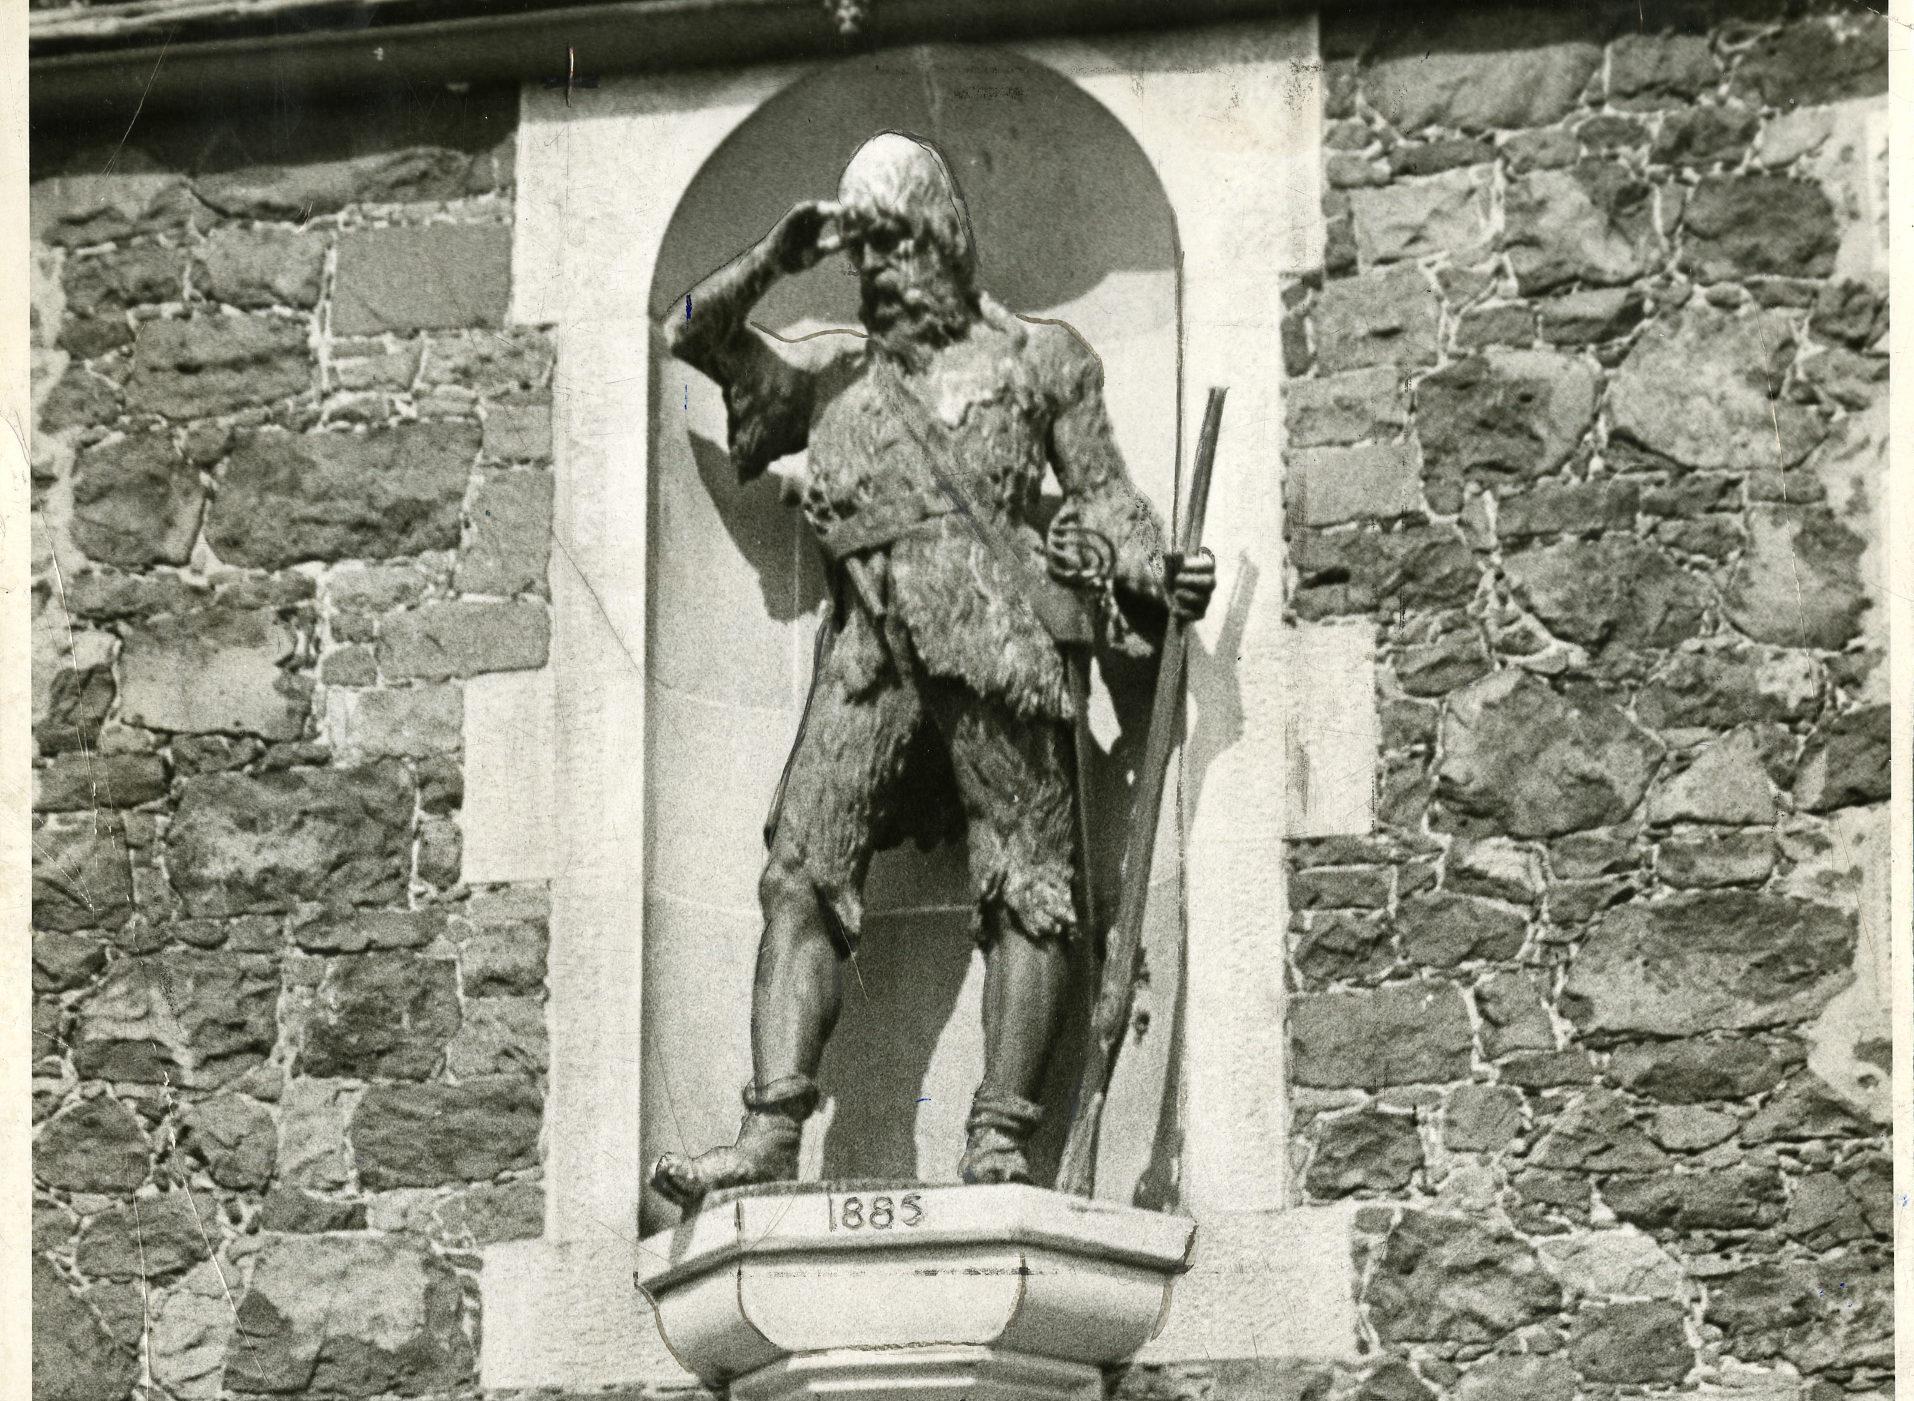 Robinson Crusoe's statue in Lower Largo, Fife.